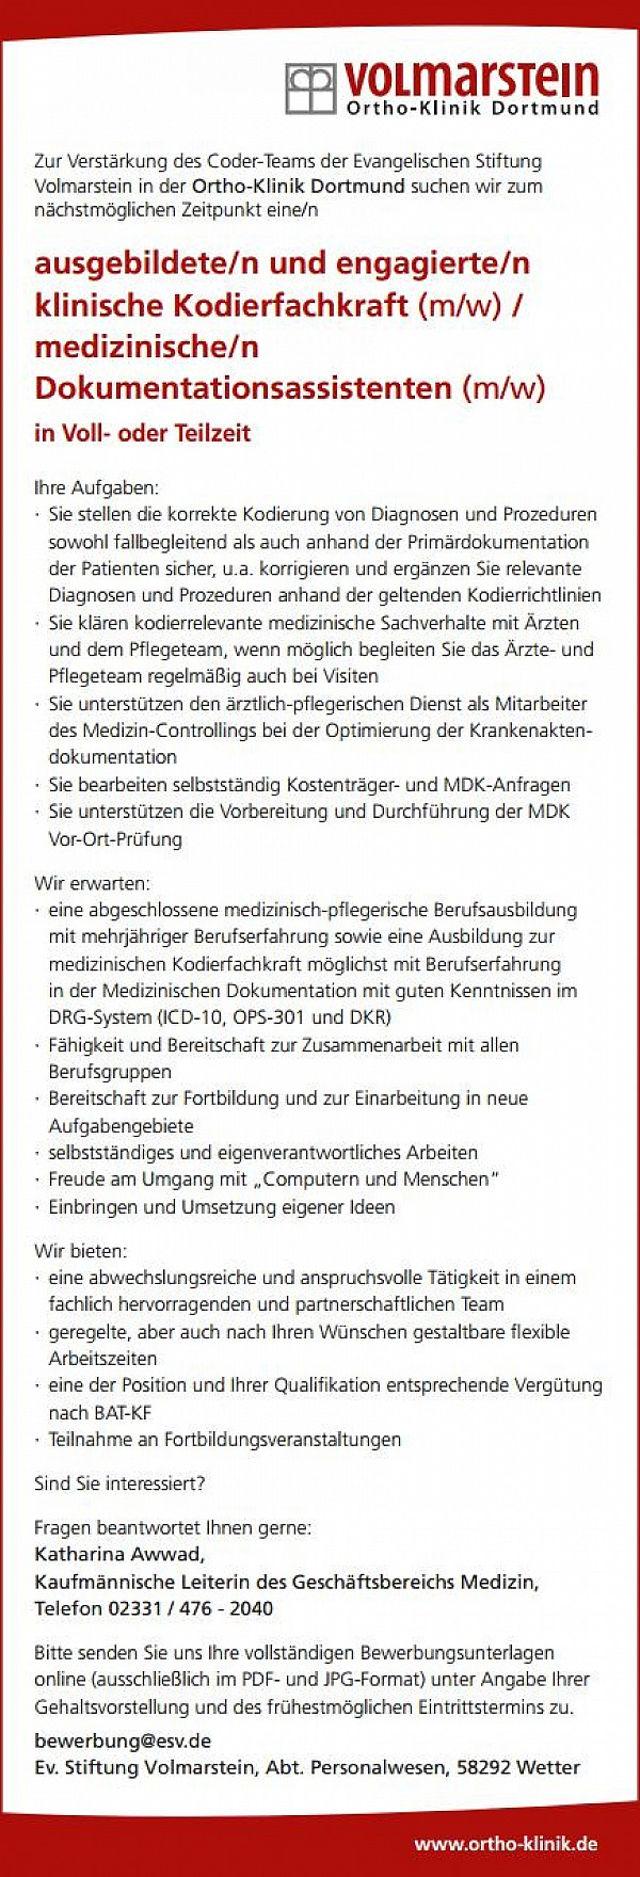 Ortho-Klinik Dortmund: Klinische Kodierfachkraft / medizinischer  Dokumentationsassistent (m/w)